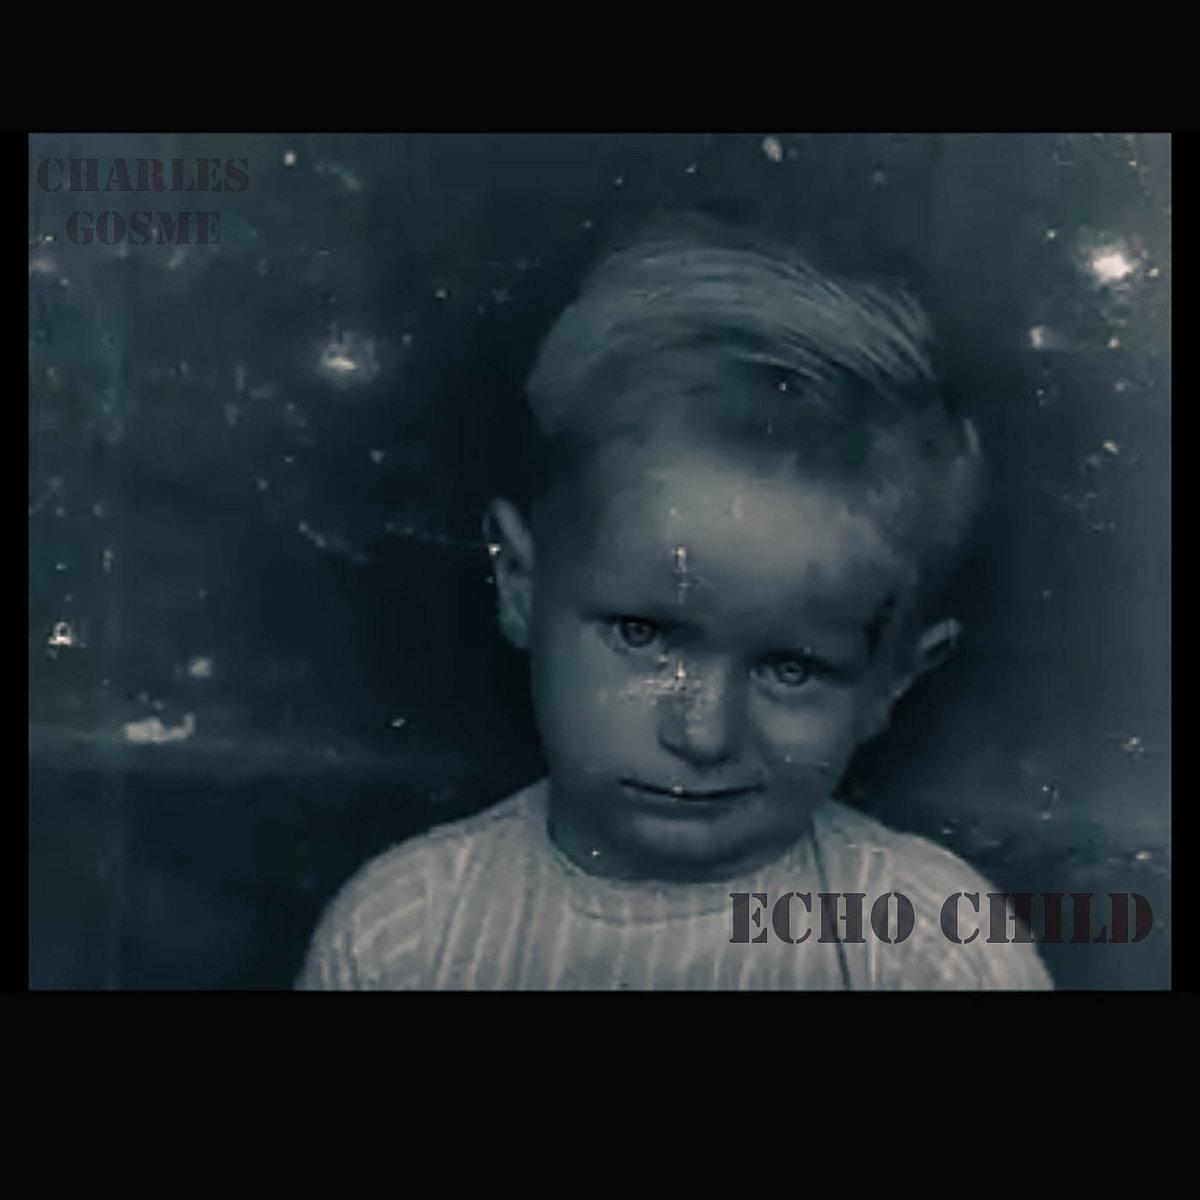 Echo Child by Charles Gosme